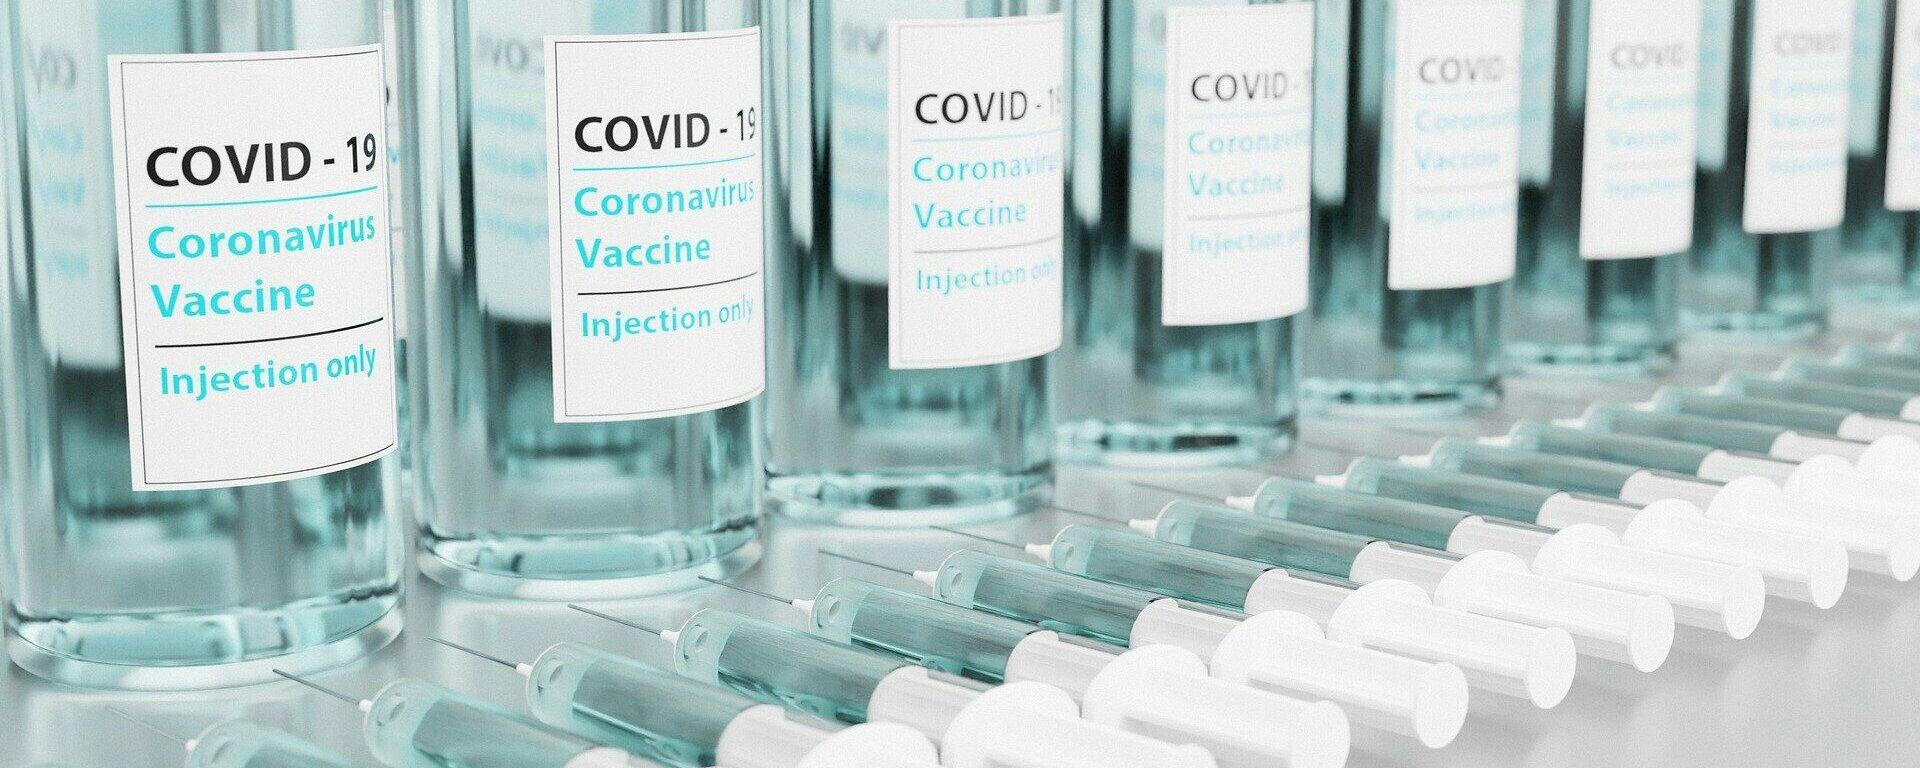 Corona-Impfstoff - SNA, 1920, 16.09.2021